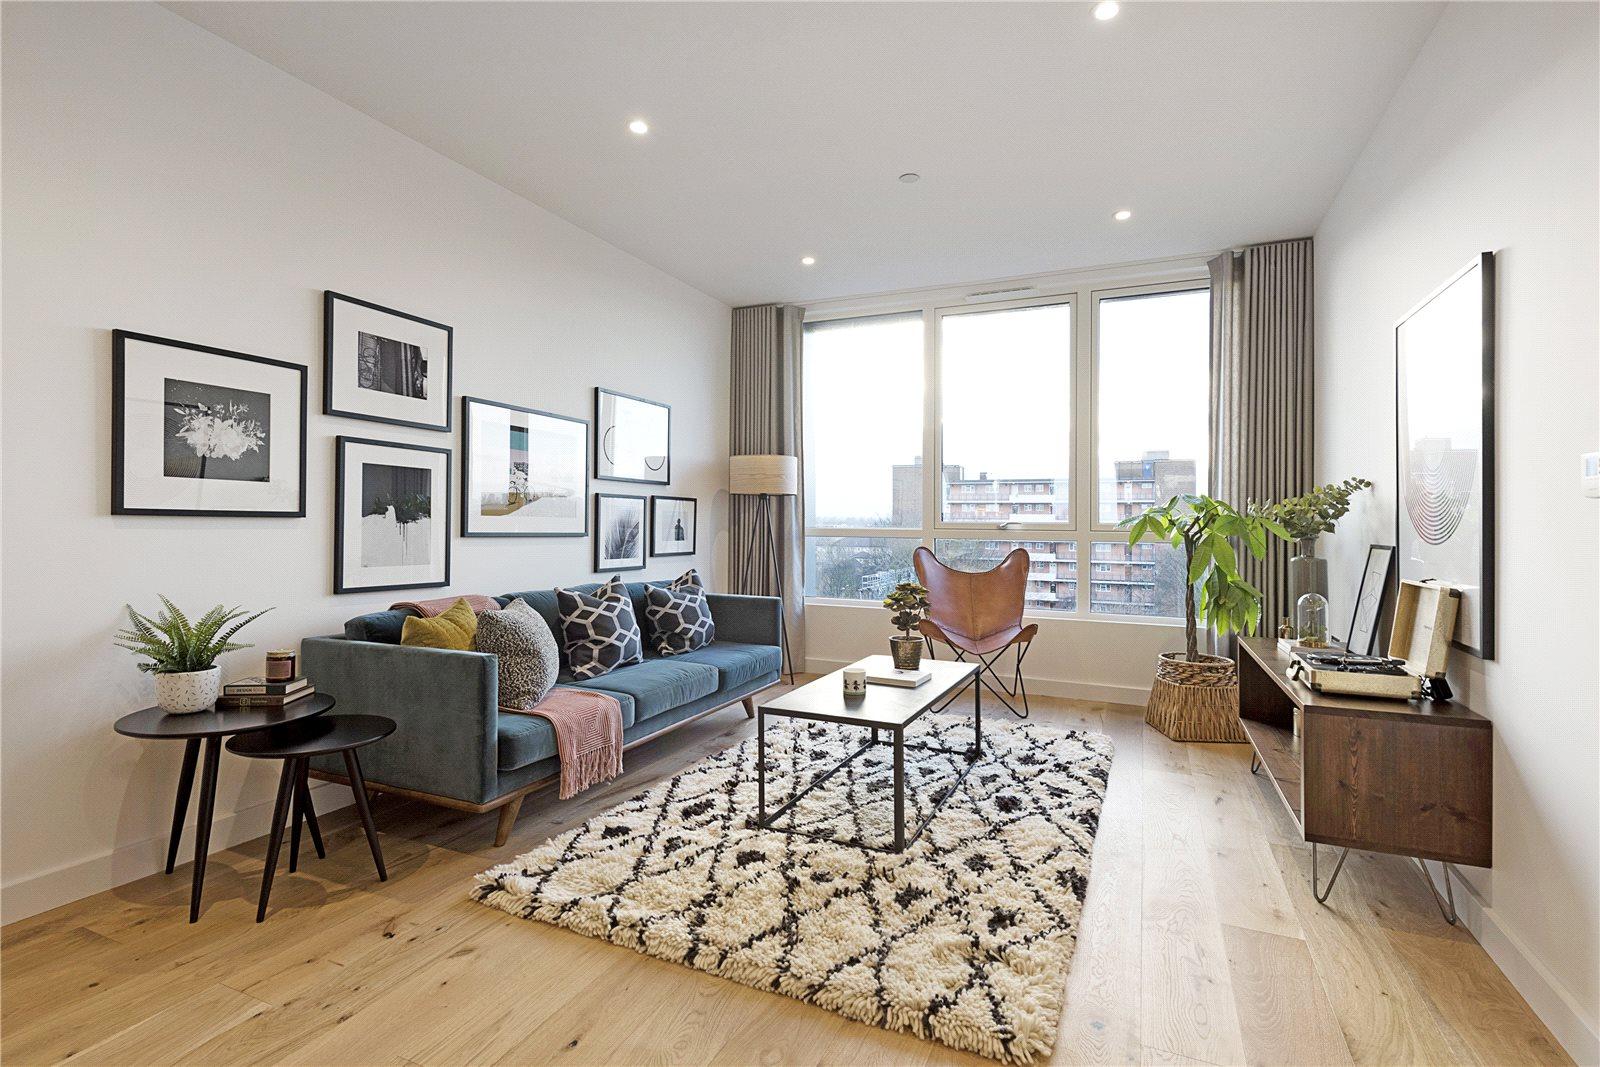 2 Bedrooms Flat for sale in Arklow Road, Deptford, SE14